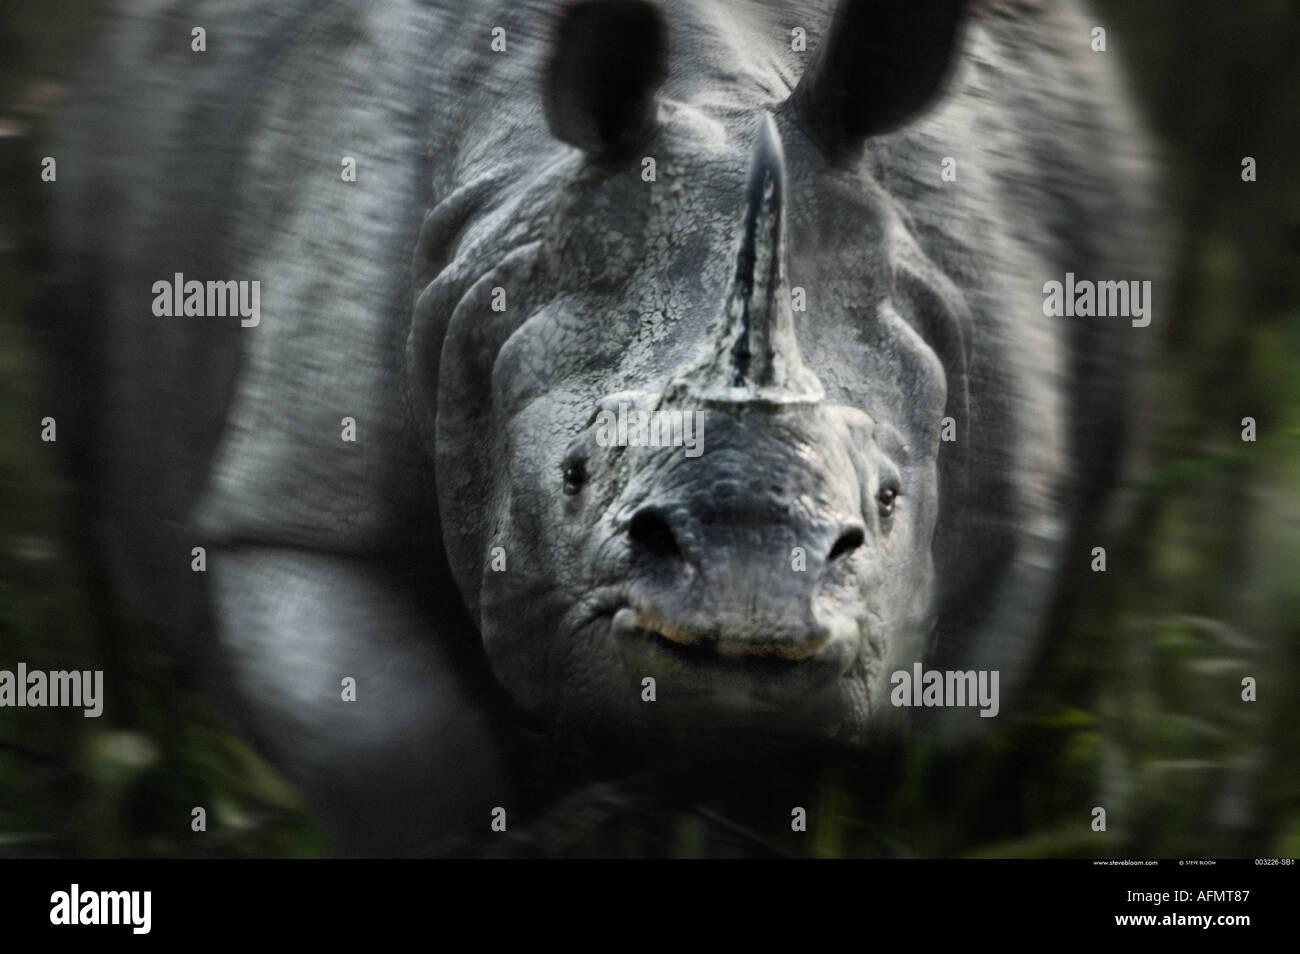 La carica del rinoceronte indiano Kaziranga India Immagini Stock